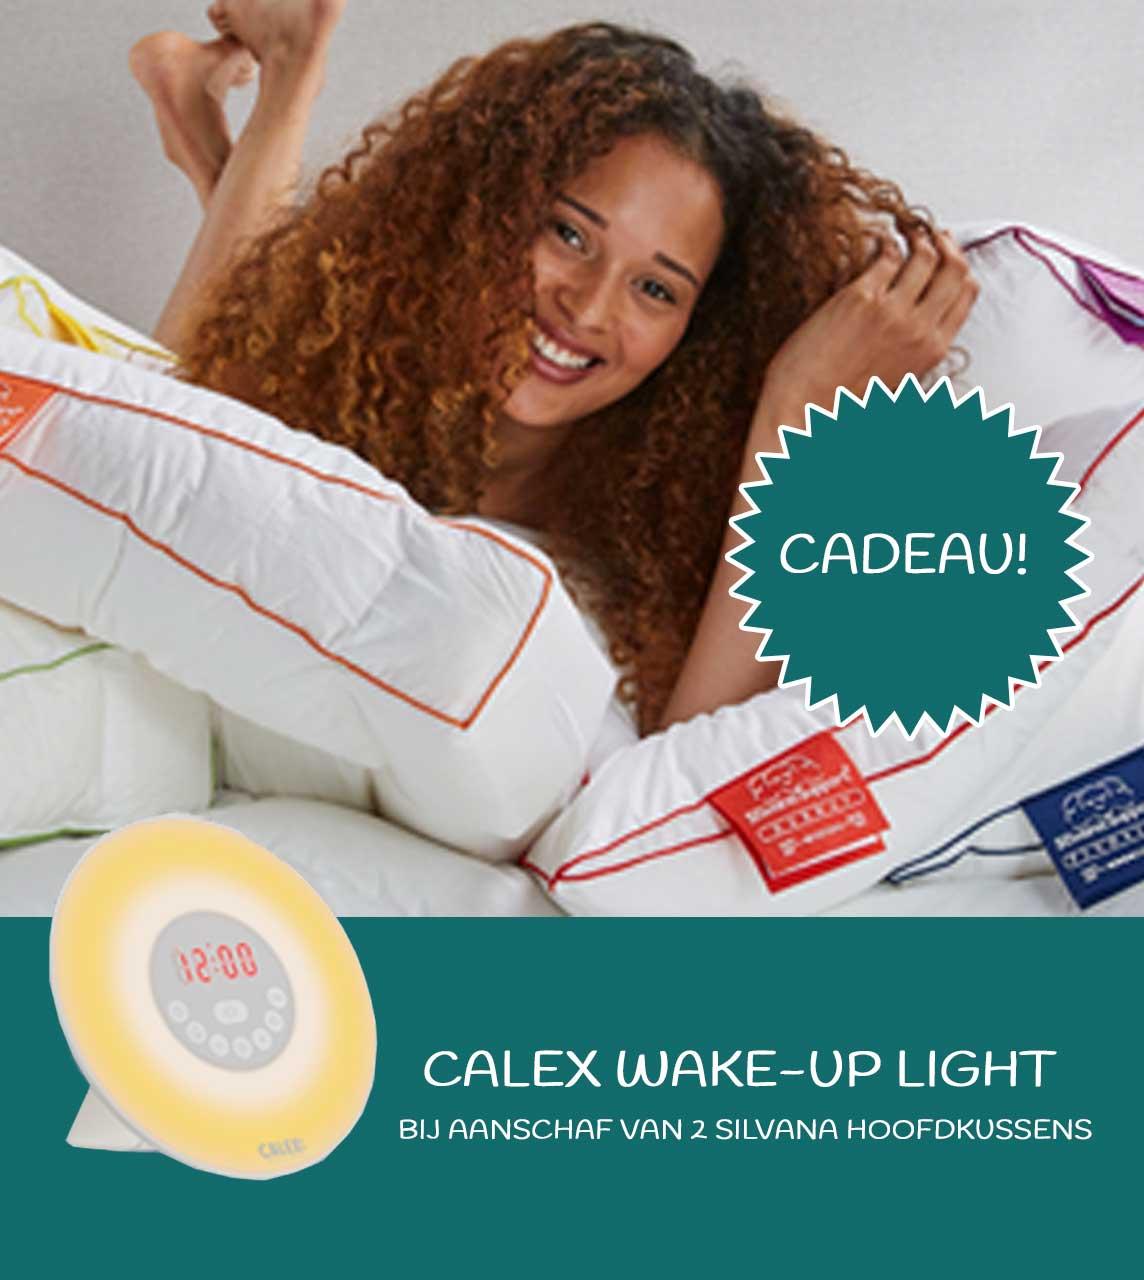 Calex wake-up light cadeau!